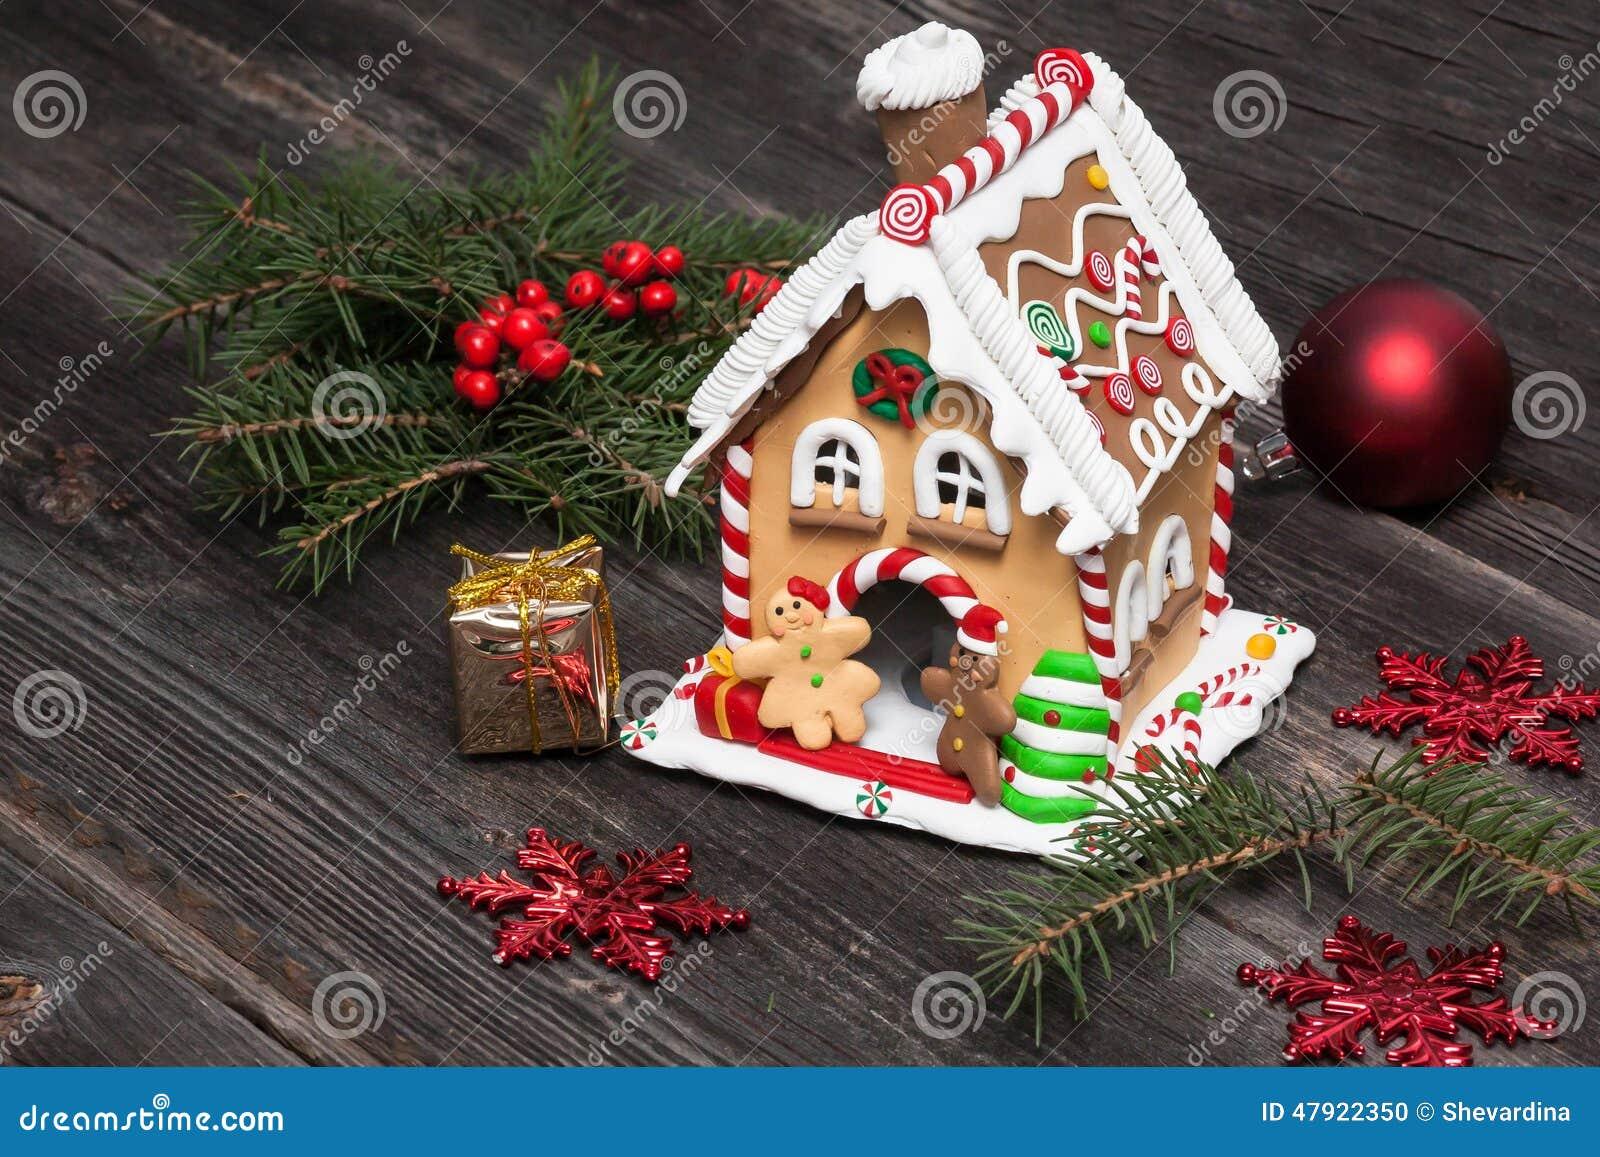 Maison de pain d 39 pice d coration de no l photo stock for Decoration de noel maison